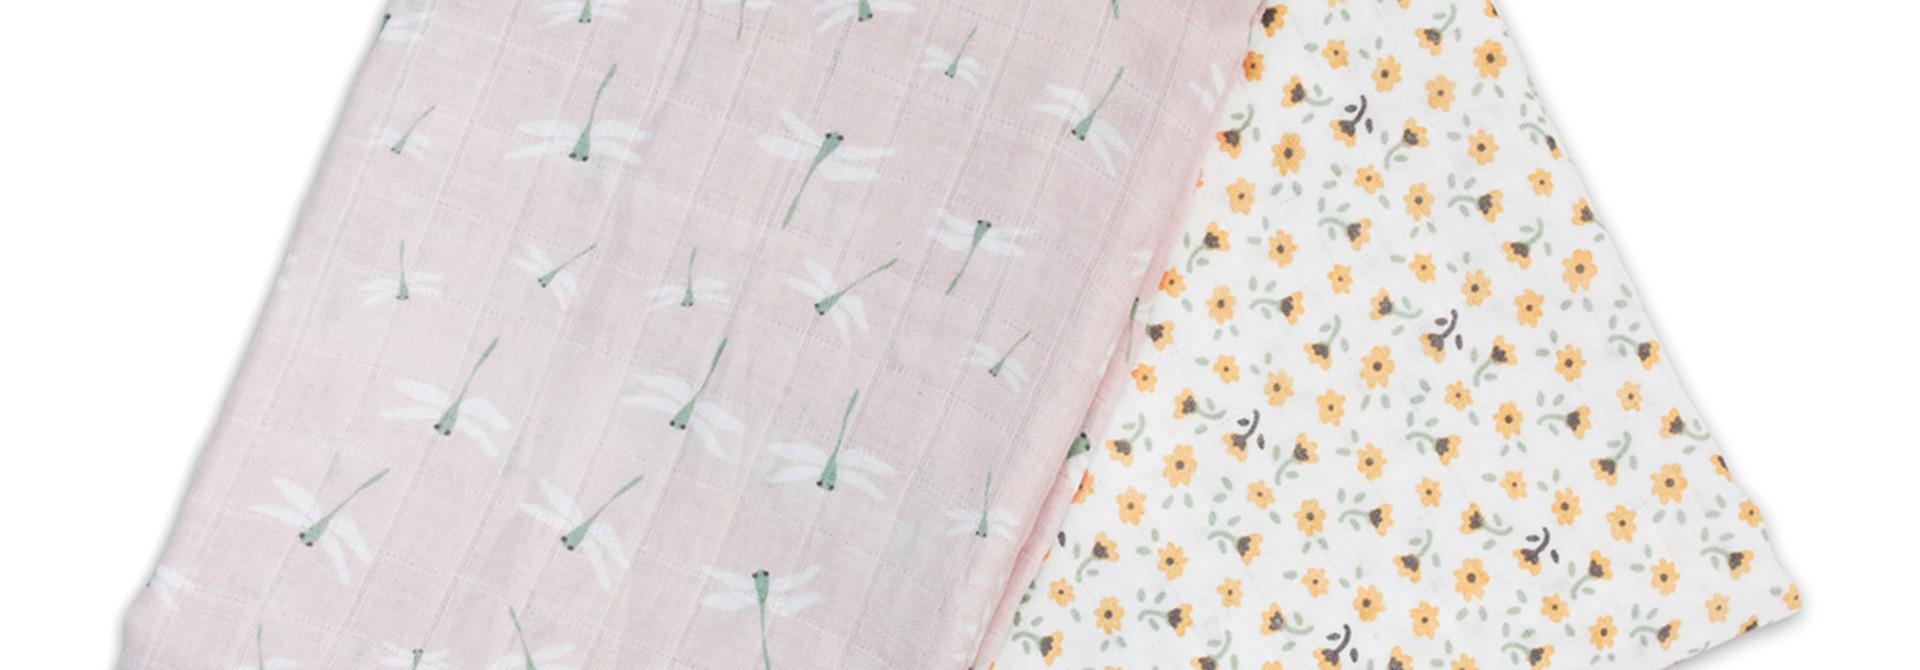 Mousseline de coton(2) - Fleurs/Libellules